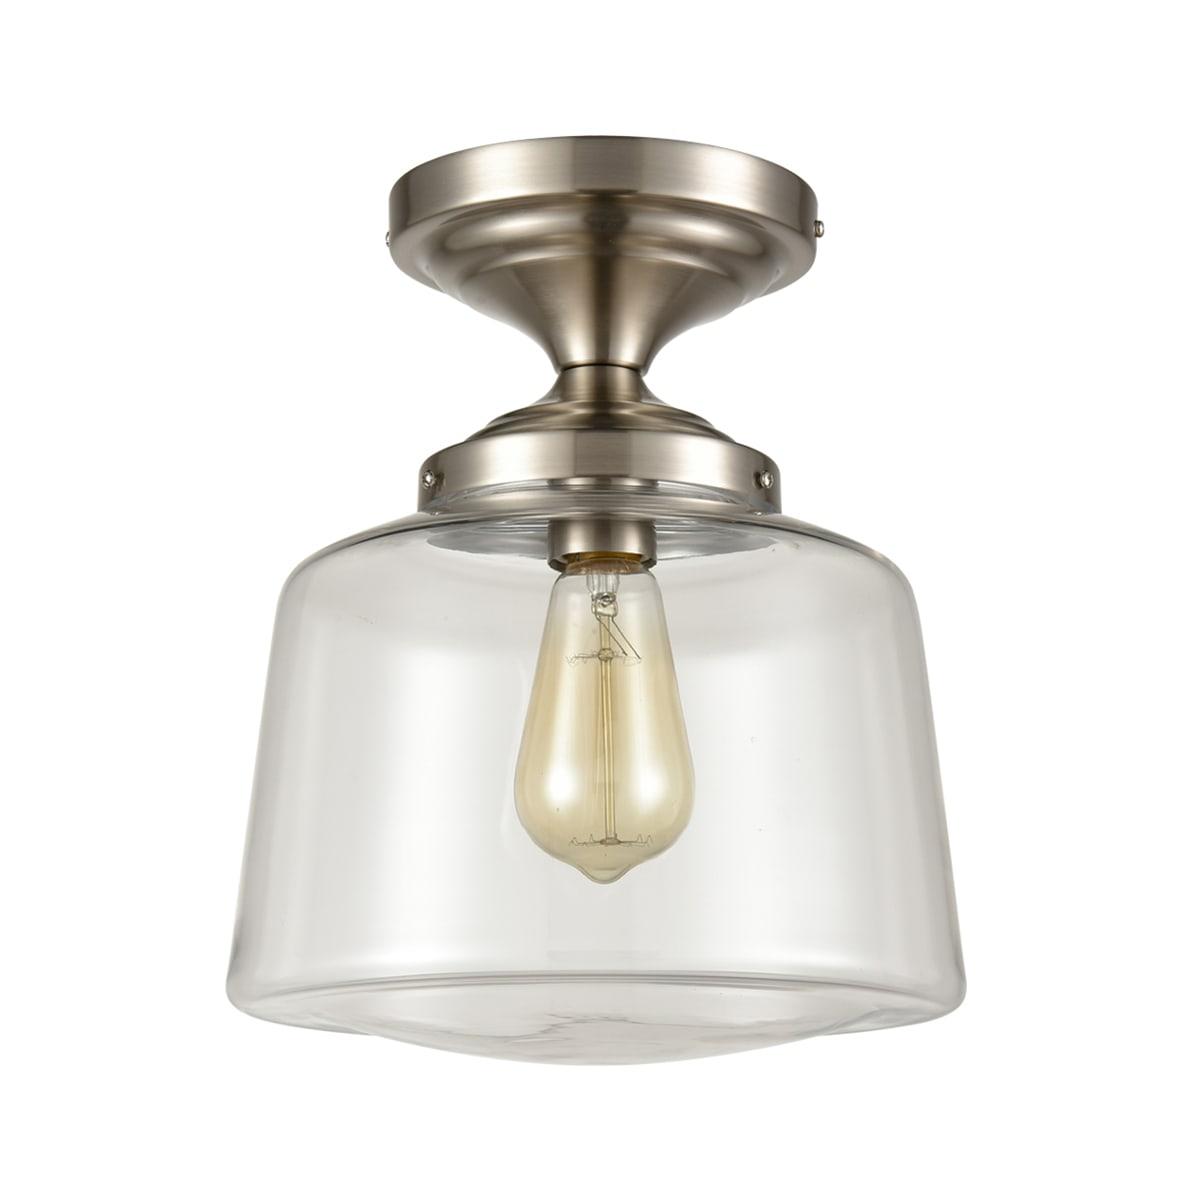 Modern Semi Flush Ceiling Light